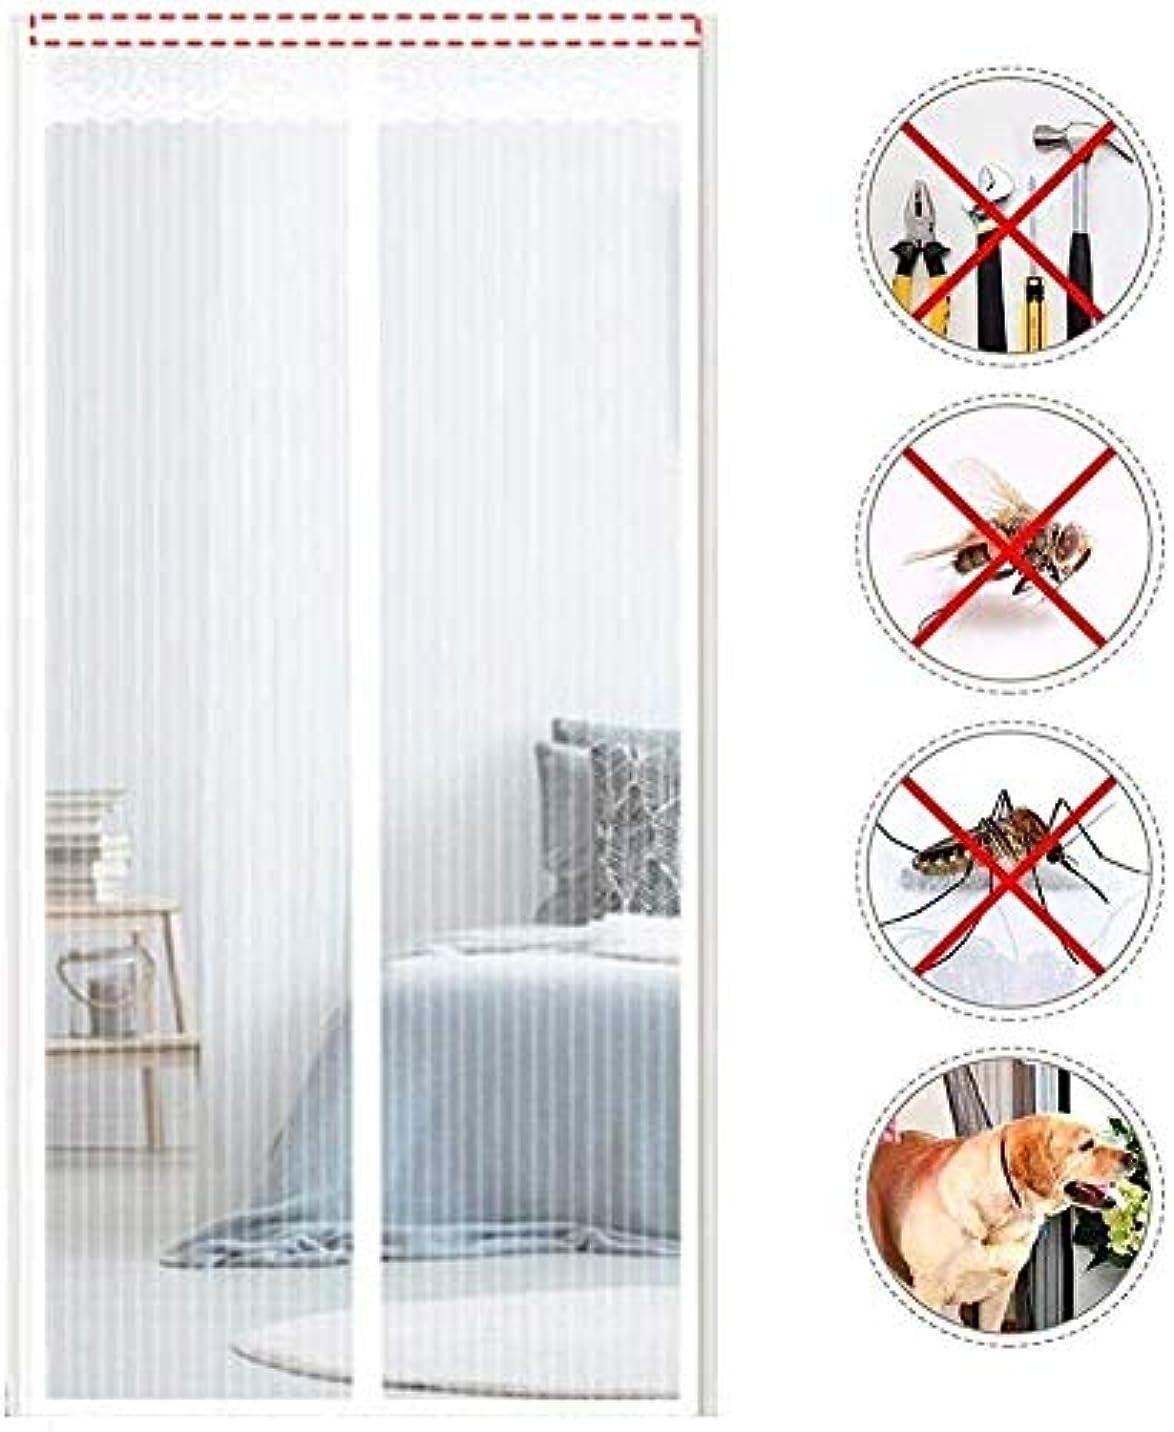 安心直径剛性磁気フライスクリーンドアフルフレーム接着フライング昆虫スクリーン/カーテンドア防蚊カーテンキープバグ出す新鮮な空気のためにバルコニーはリビングルーム児童室をスライディング